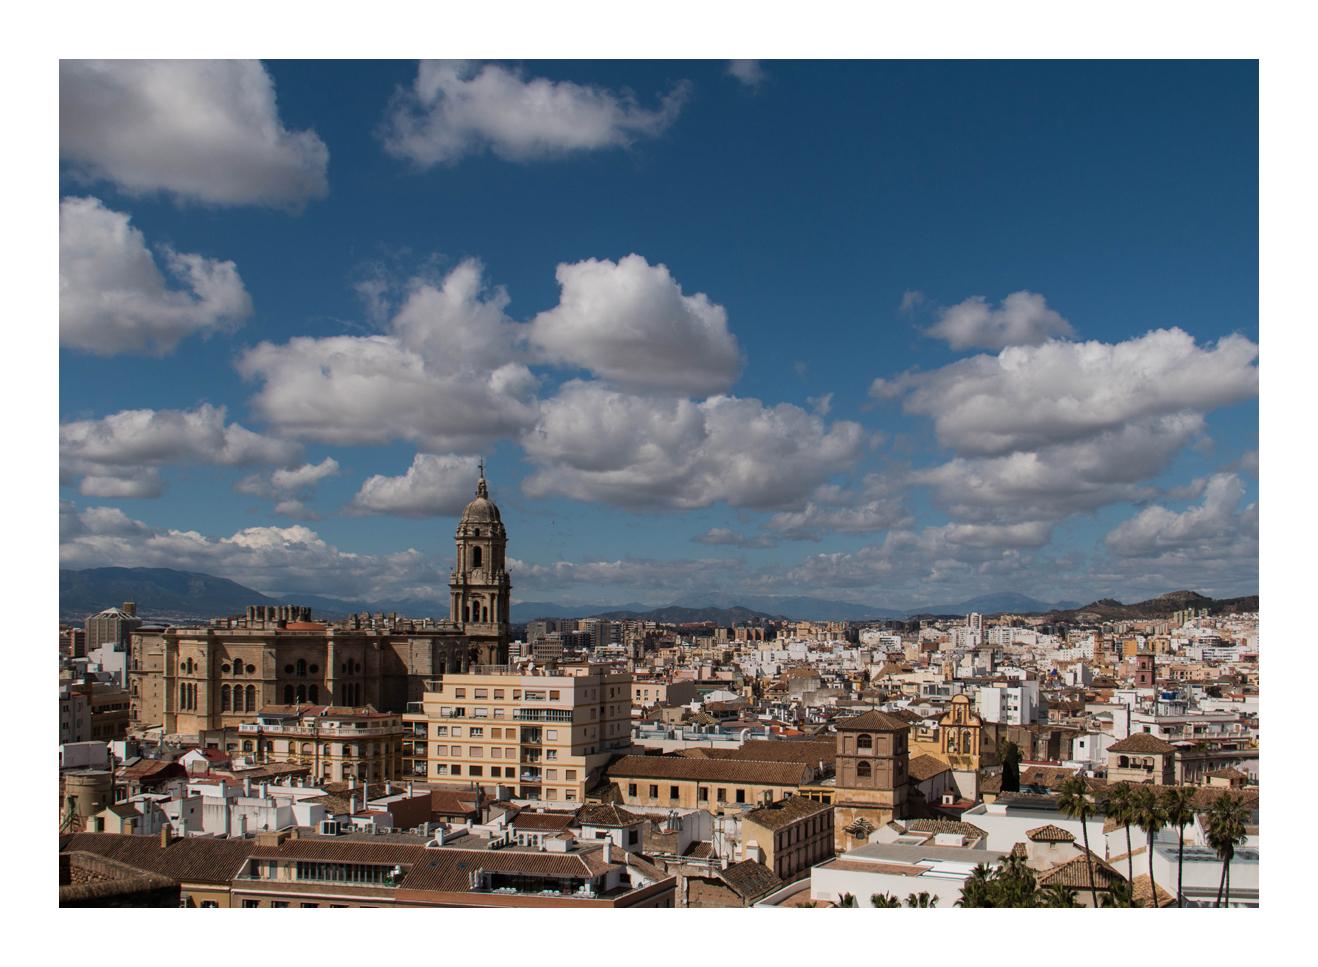 der Blick auf Malaga